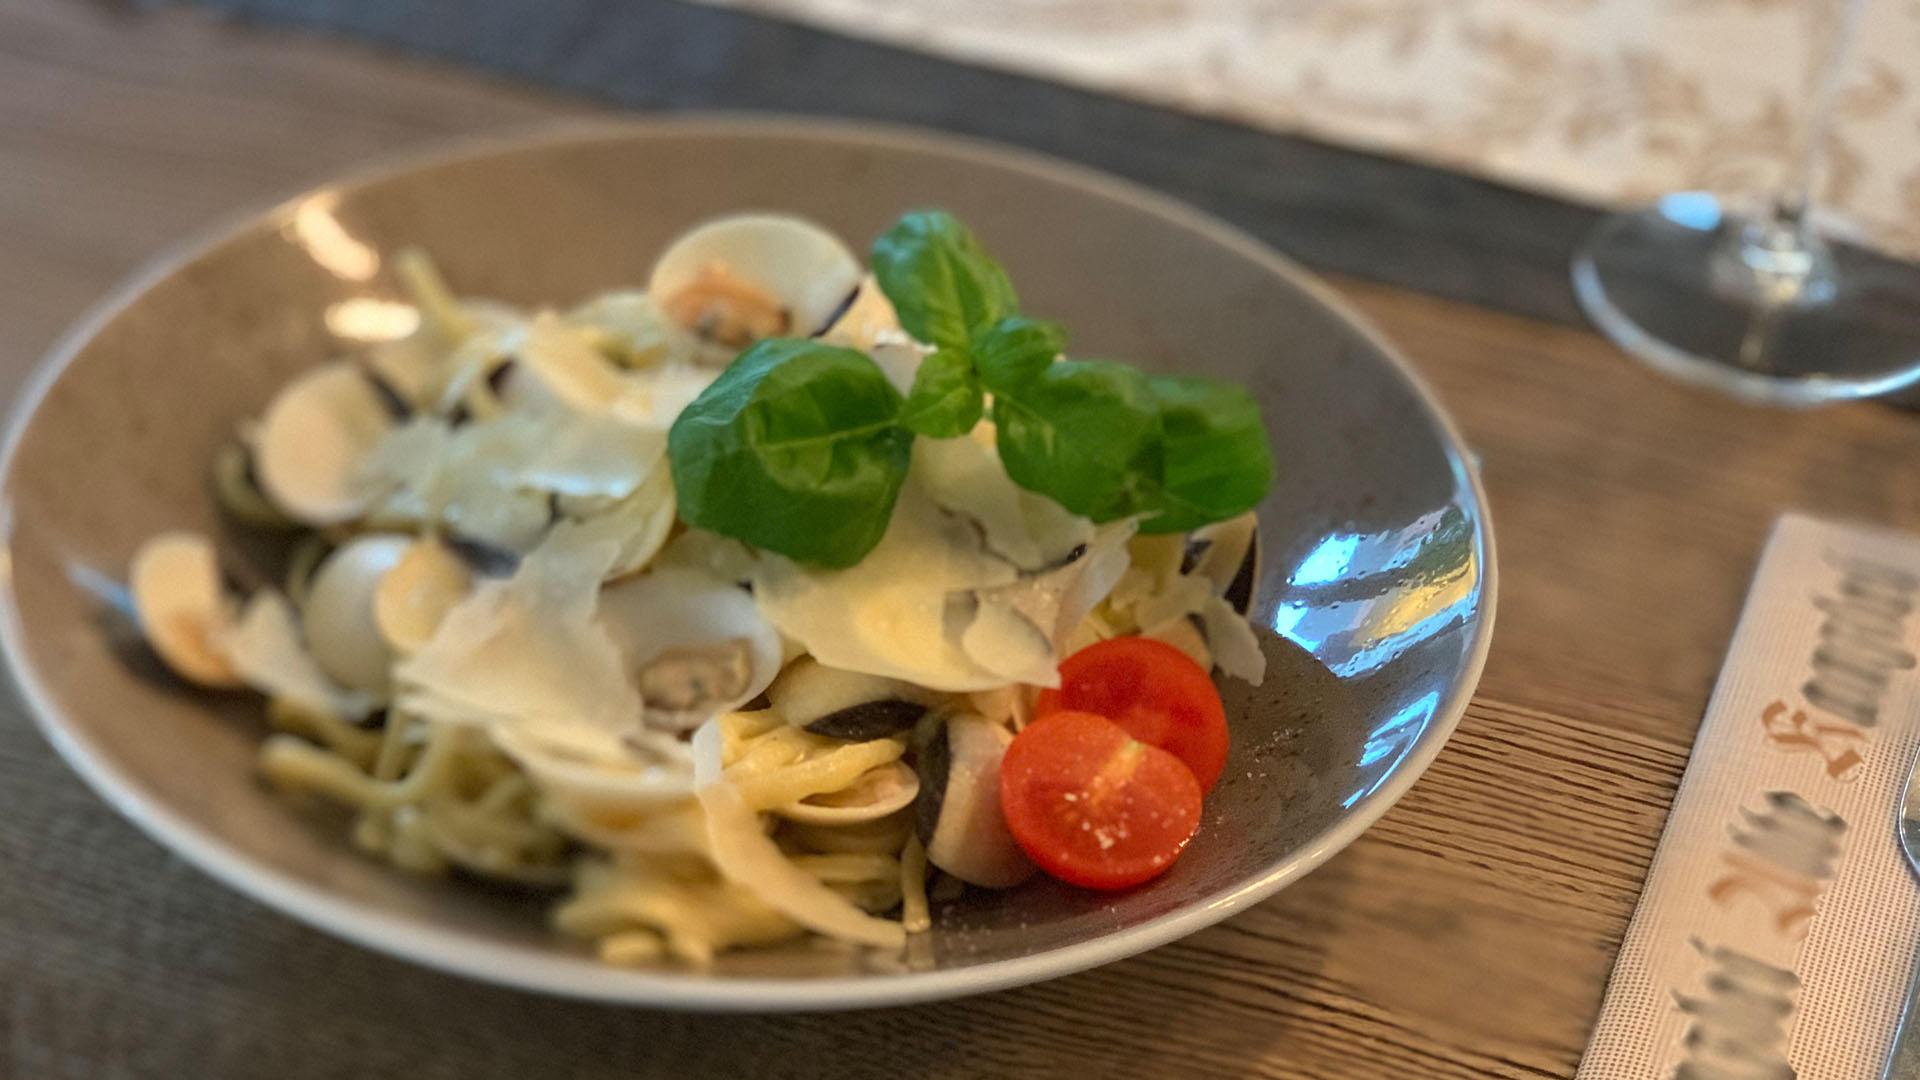 Pasta in der Alten Kanzlei in Wangen Beste Pasta in Ihrer Nähe bekommen Sie in Wangen! Wir lieben diese frische Küche und freuen uns, dass wir dies auch an unsere Gäste in Wangen  weiter geben dürfen. Immer frisch zu bereitet direkt in unserem Restaurant